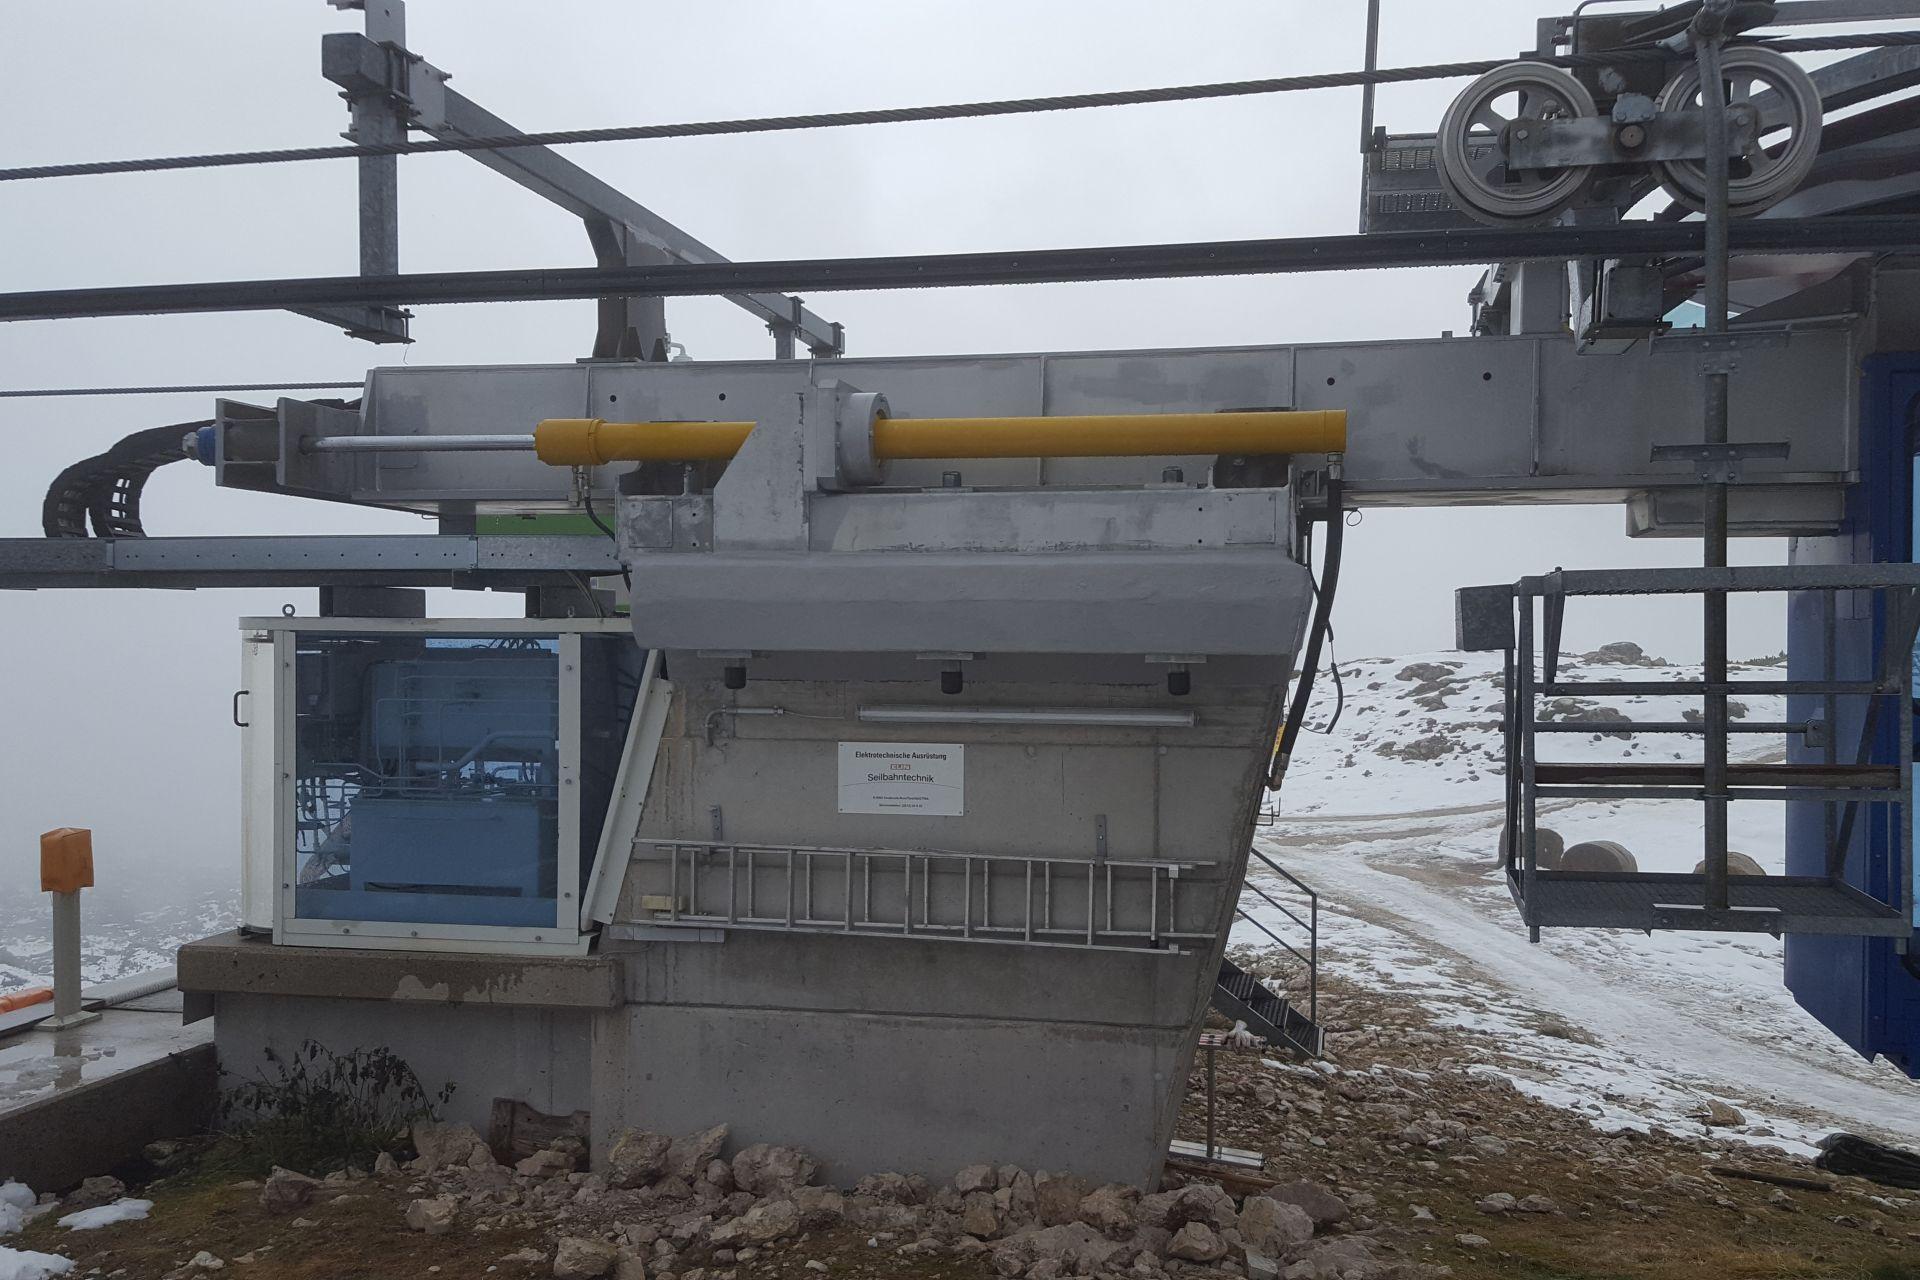 Betoninstandsetzung einer Liftstütze auf 2.069 m Seehöhe